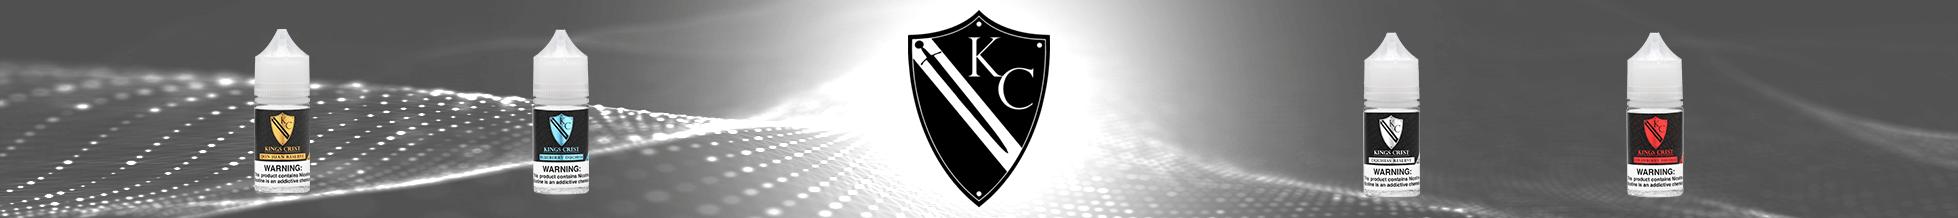 kings-crest-salt-banner.png